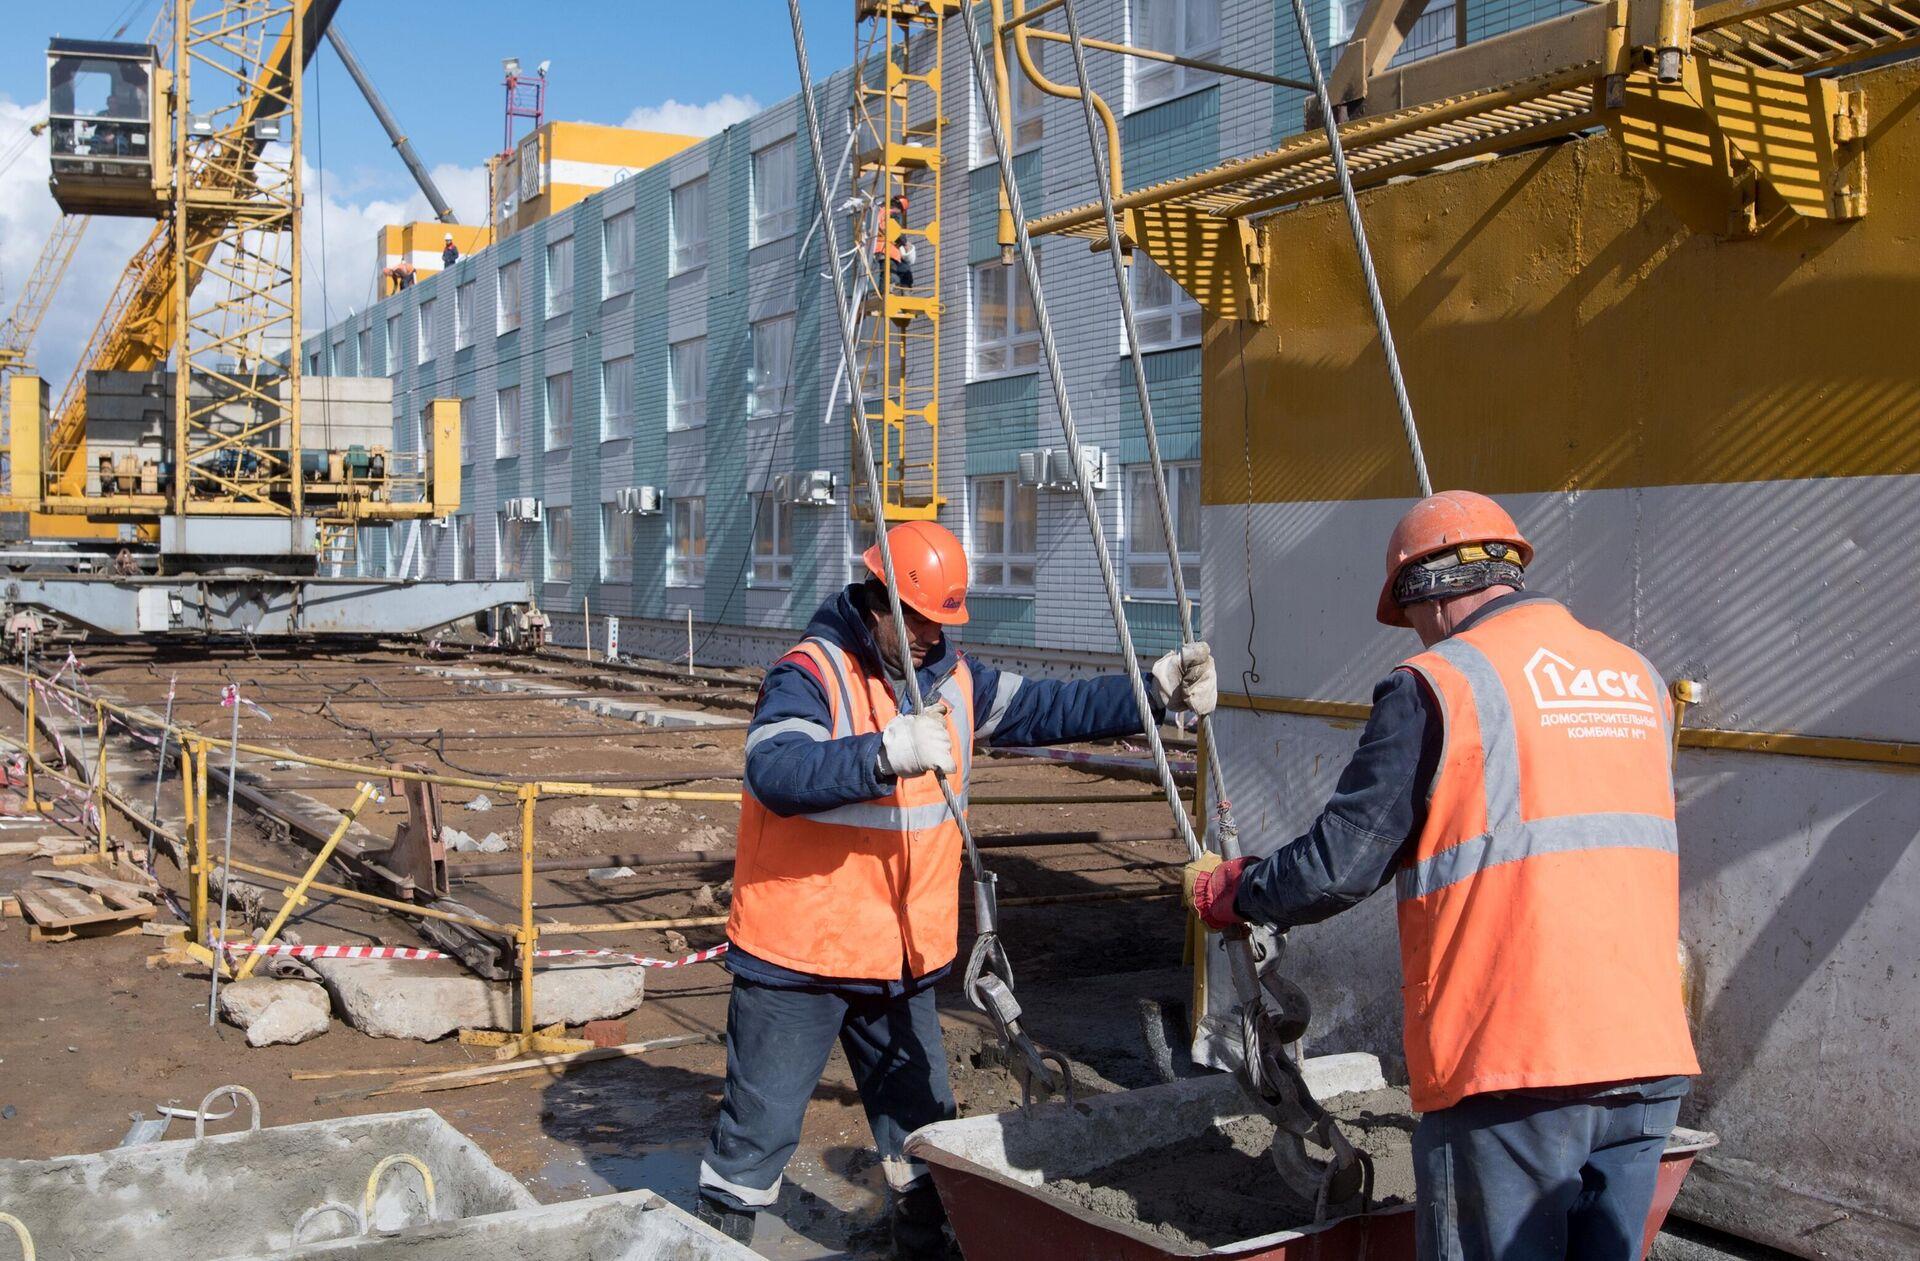 Продолжается строительство инфекционной больницы в Новой Москве - РИА Новости, 1920, 11.12.2020